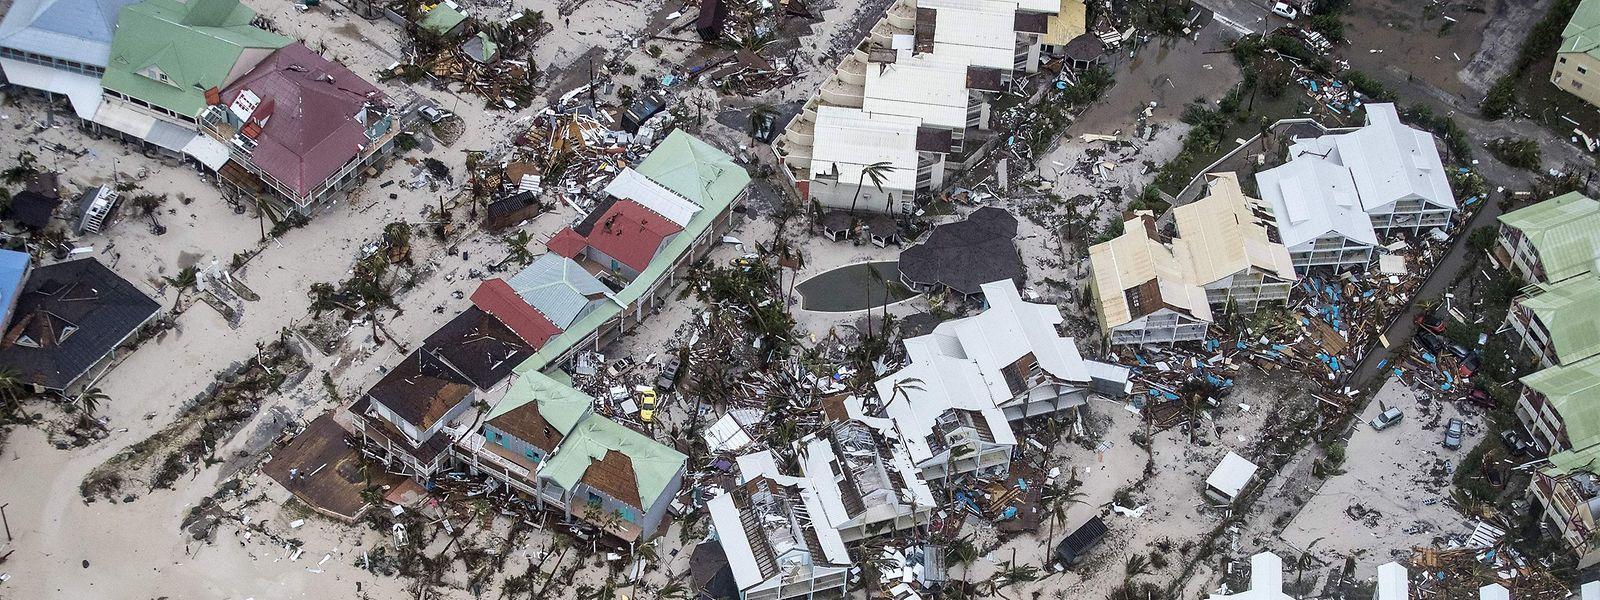 Die Luftaufnahme zeigt die verheerenden Schäden des Hurrikans Irma in Philipsburg auf der niederländischen Karibikinsel Sint Maarten.